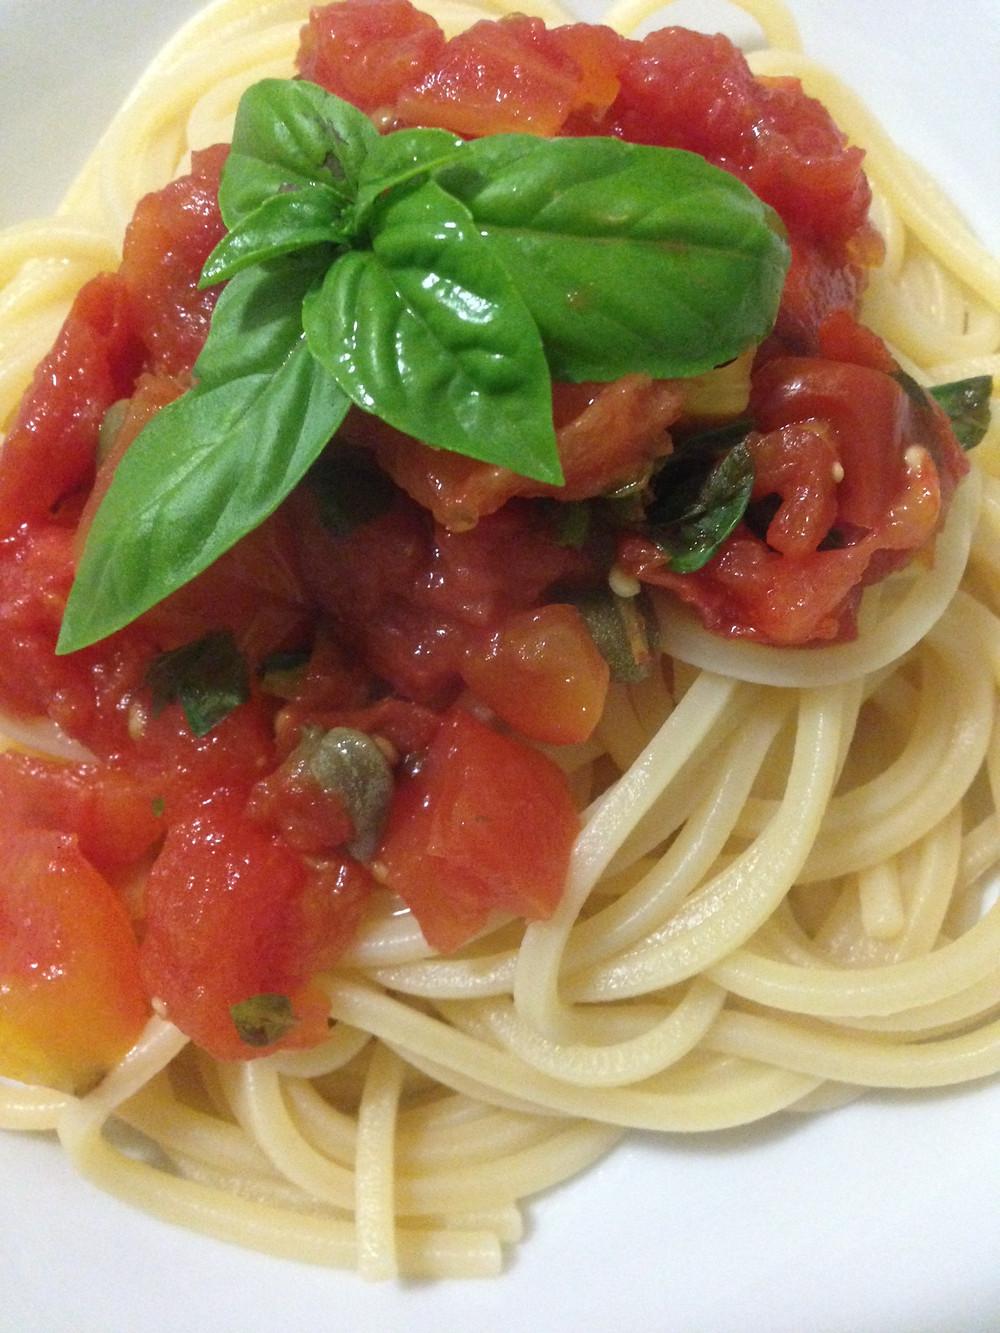 Epikur Gastrosophie www.eat.de #italienisch #pasta #diy #pflanzlich #vegan einfache Rezepte #Tomaten